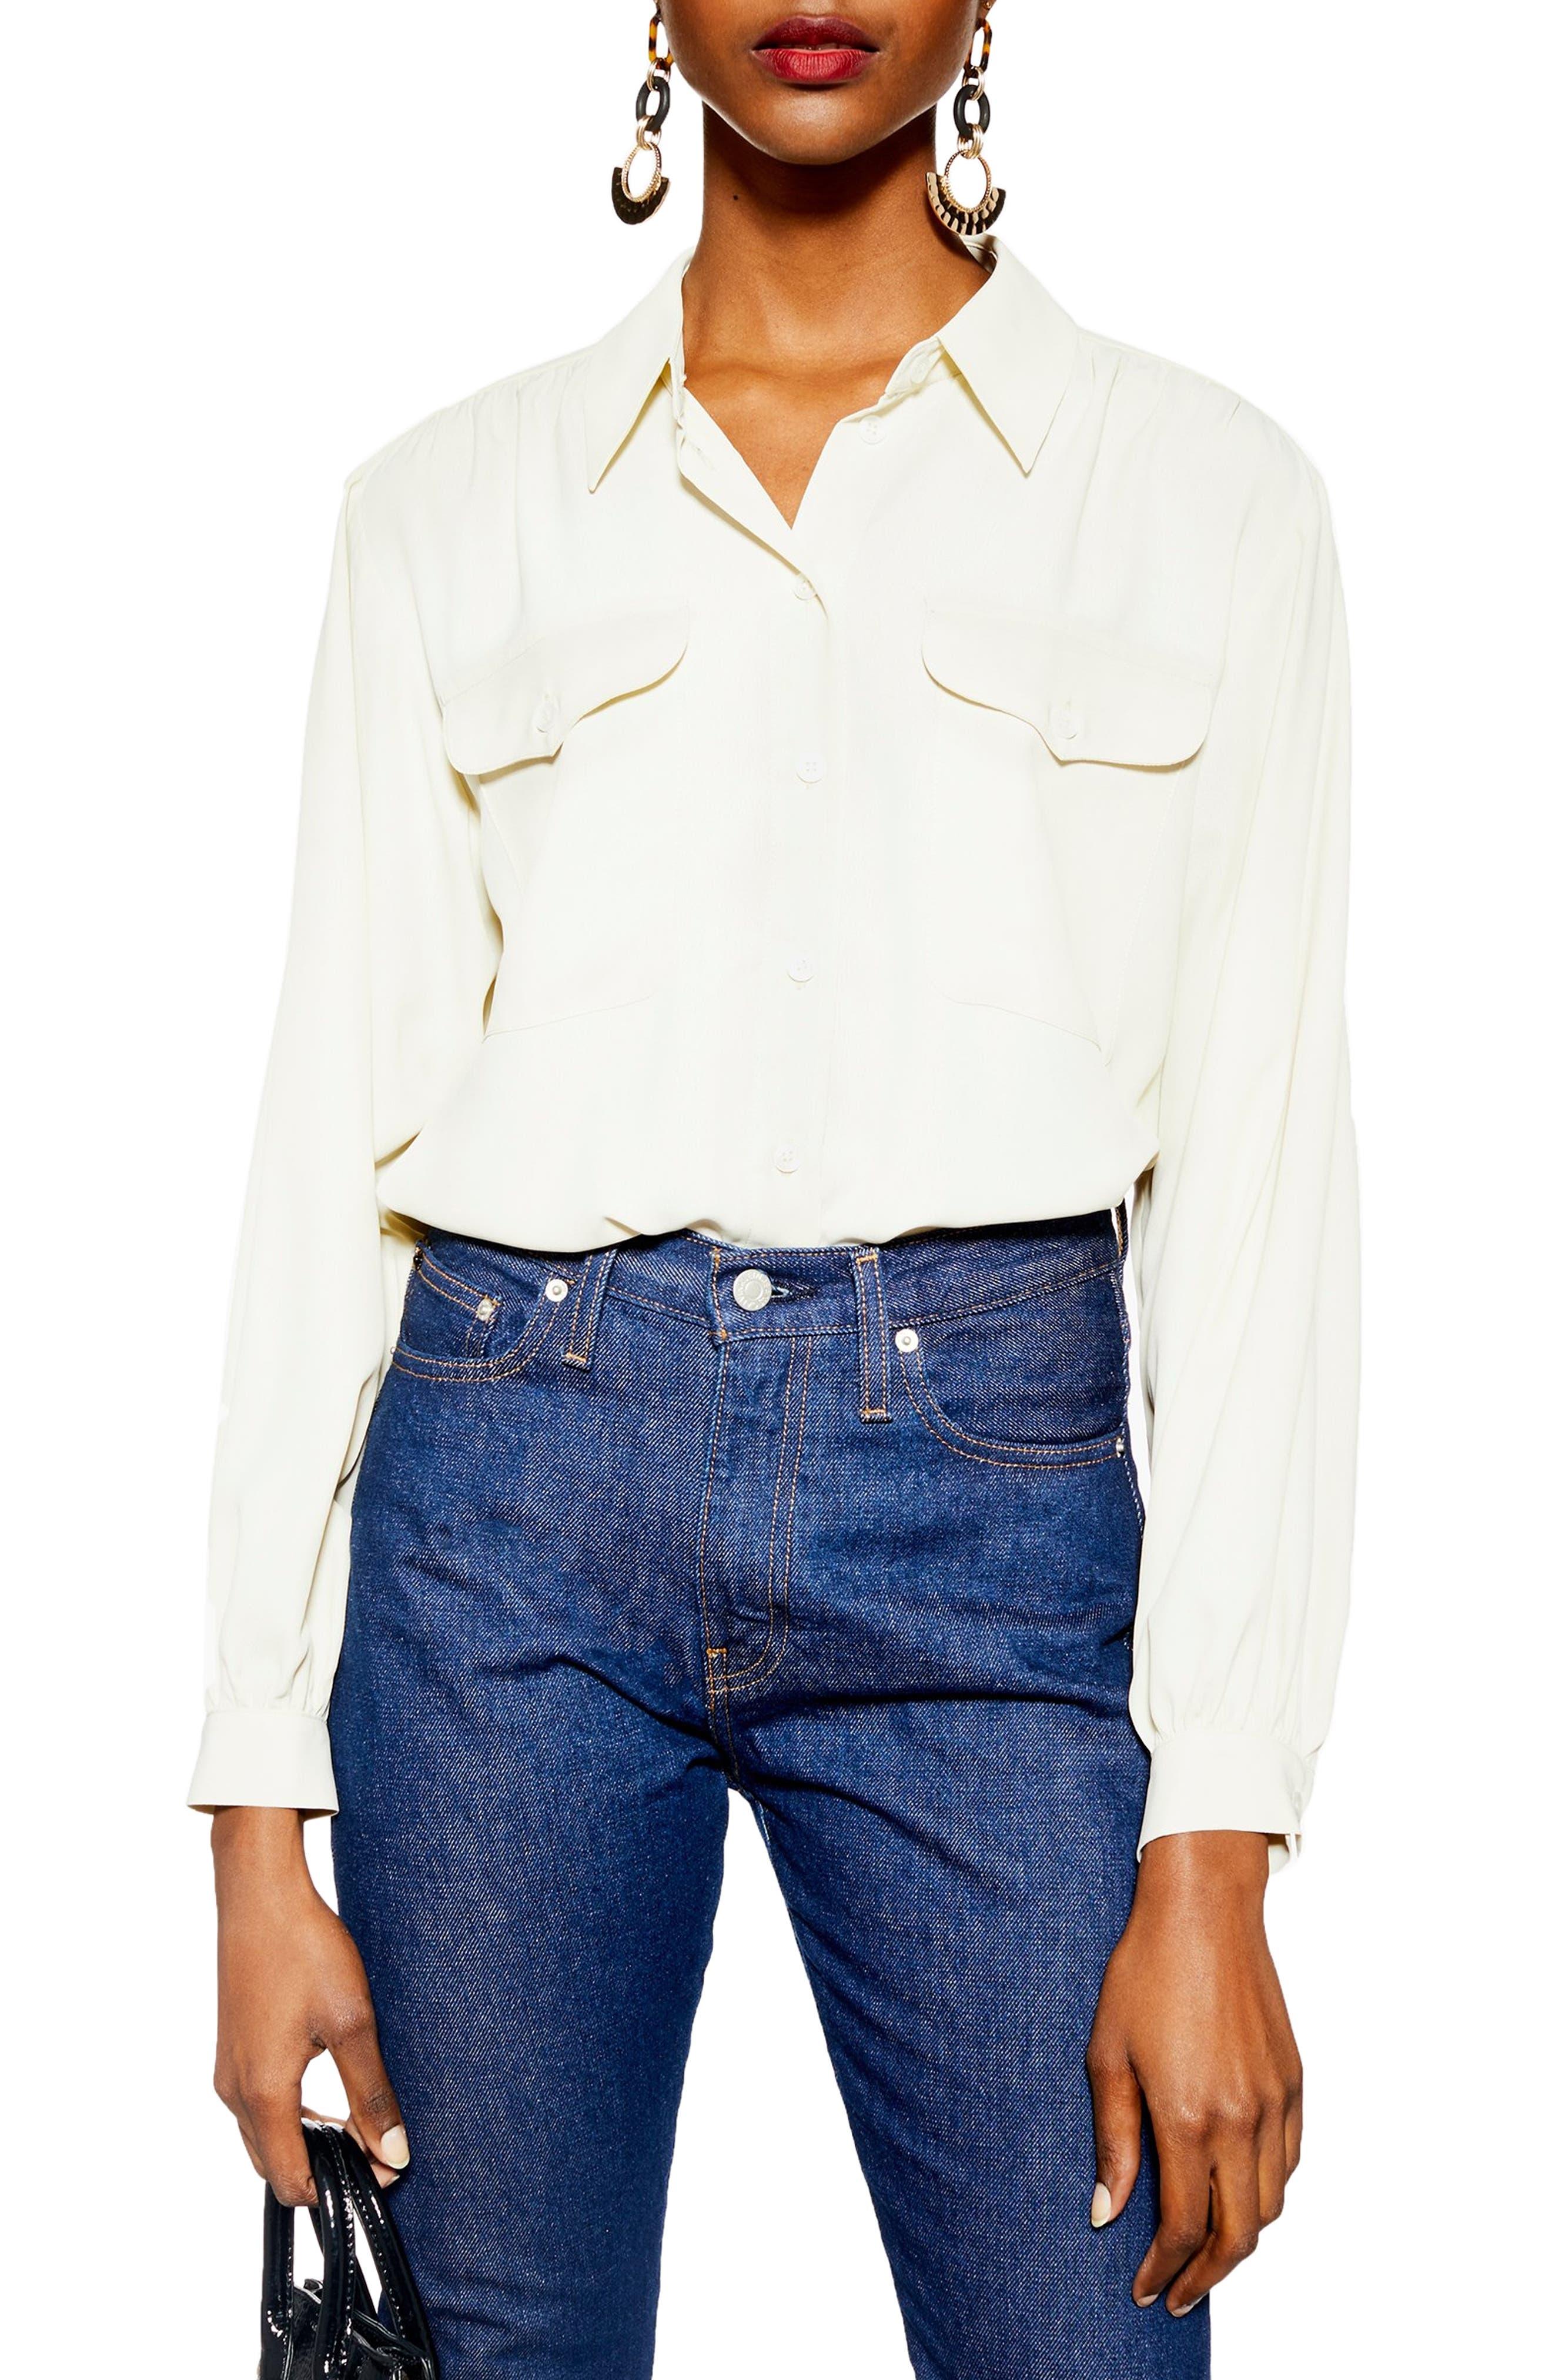 TOPSHOP, Smart Pocket Shirt, Main thumbnail 1, color, NUDE